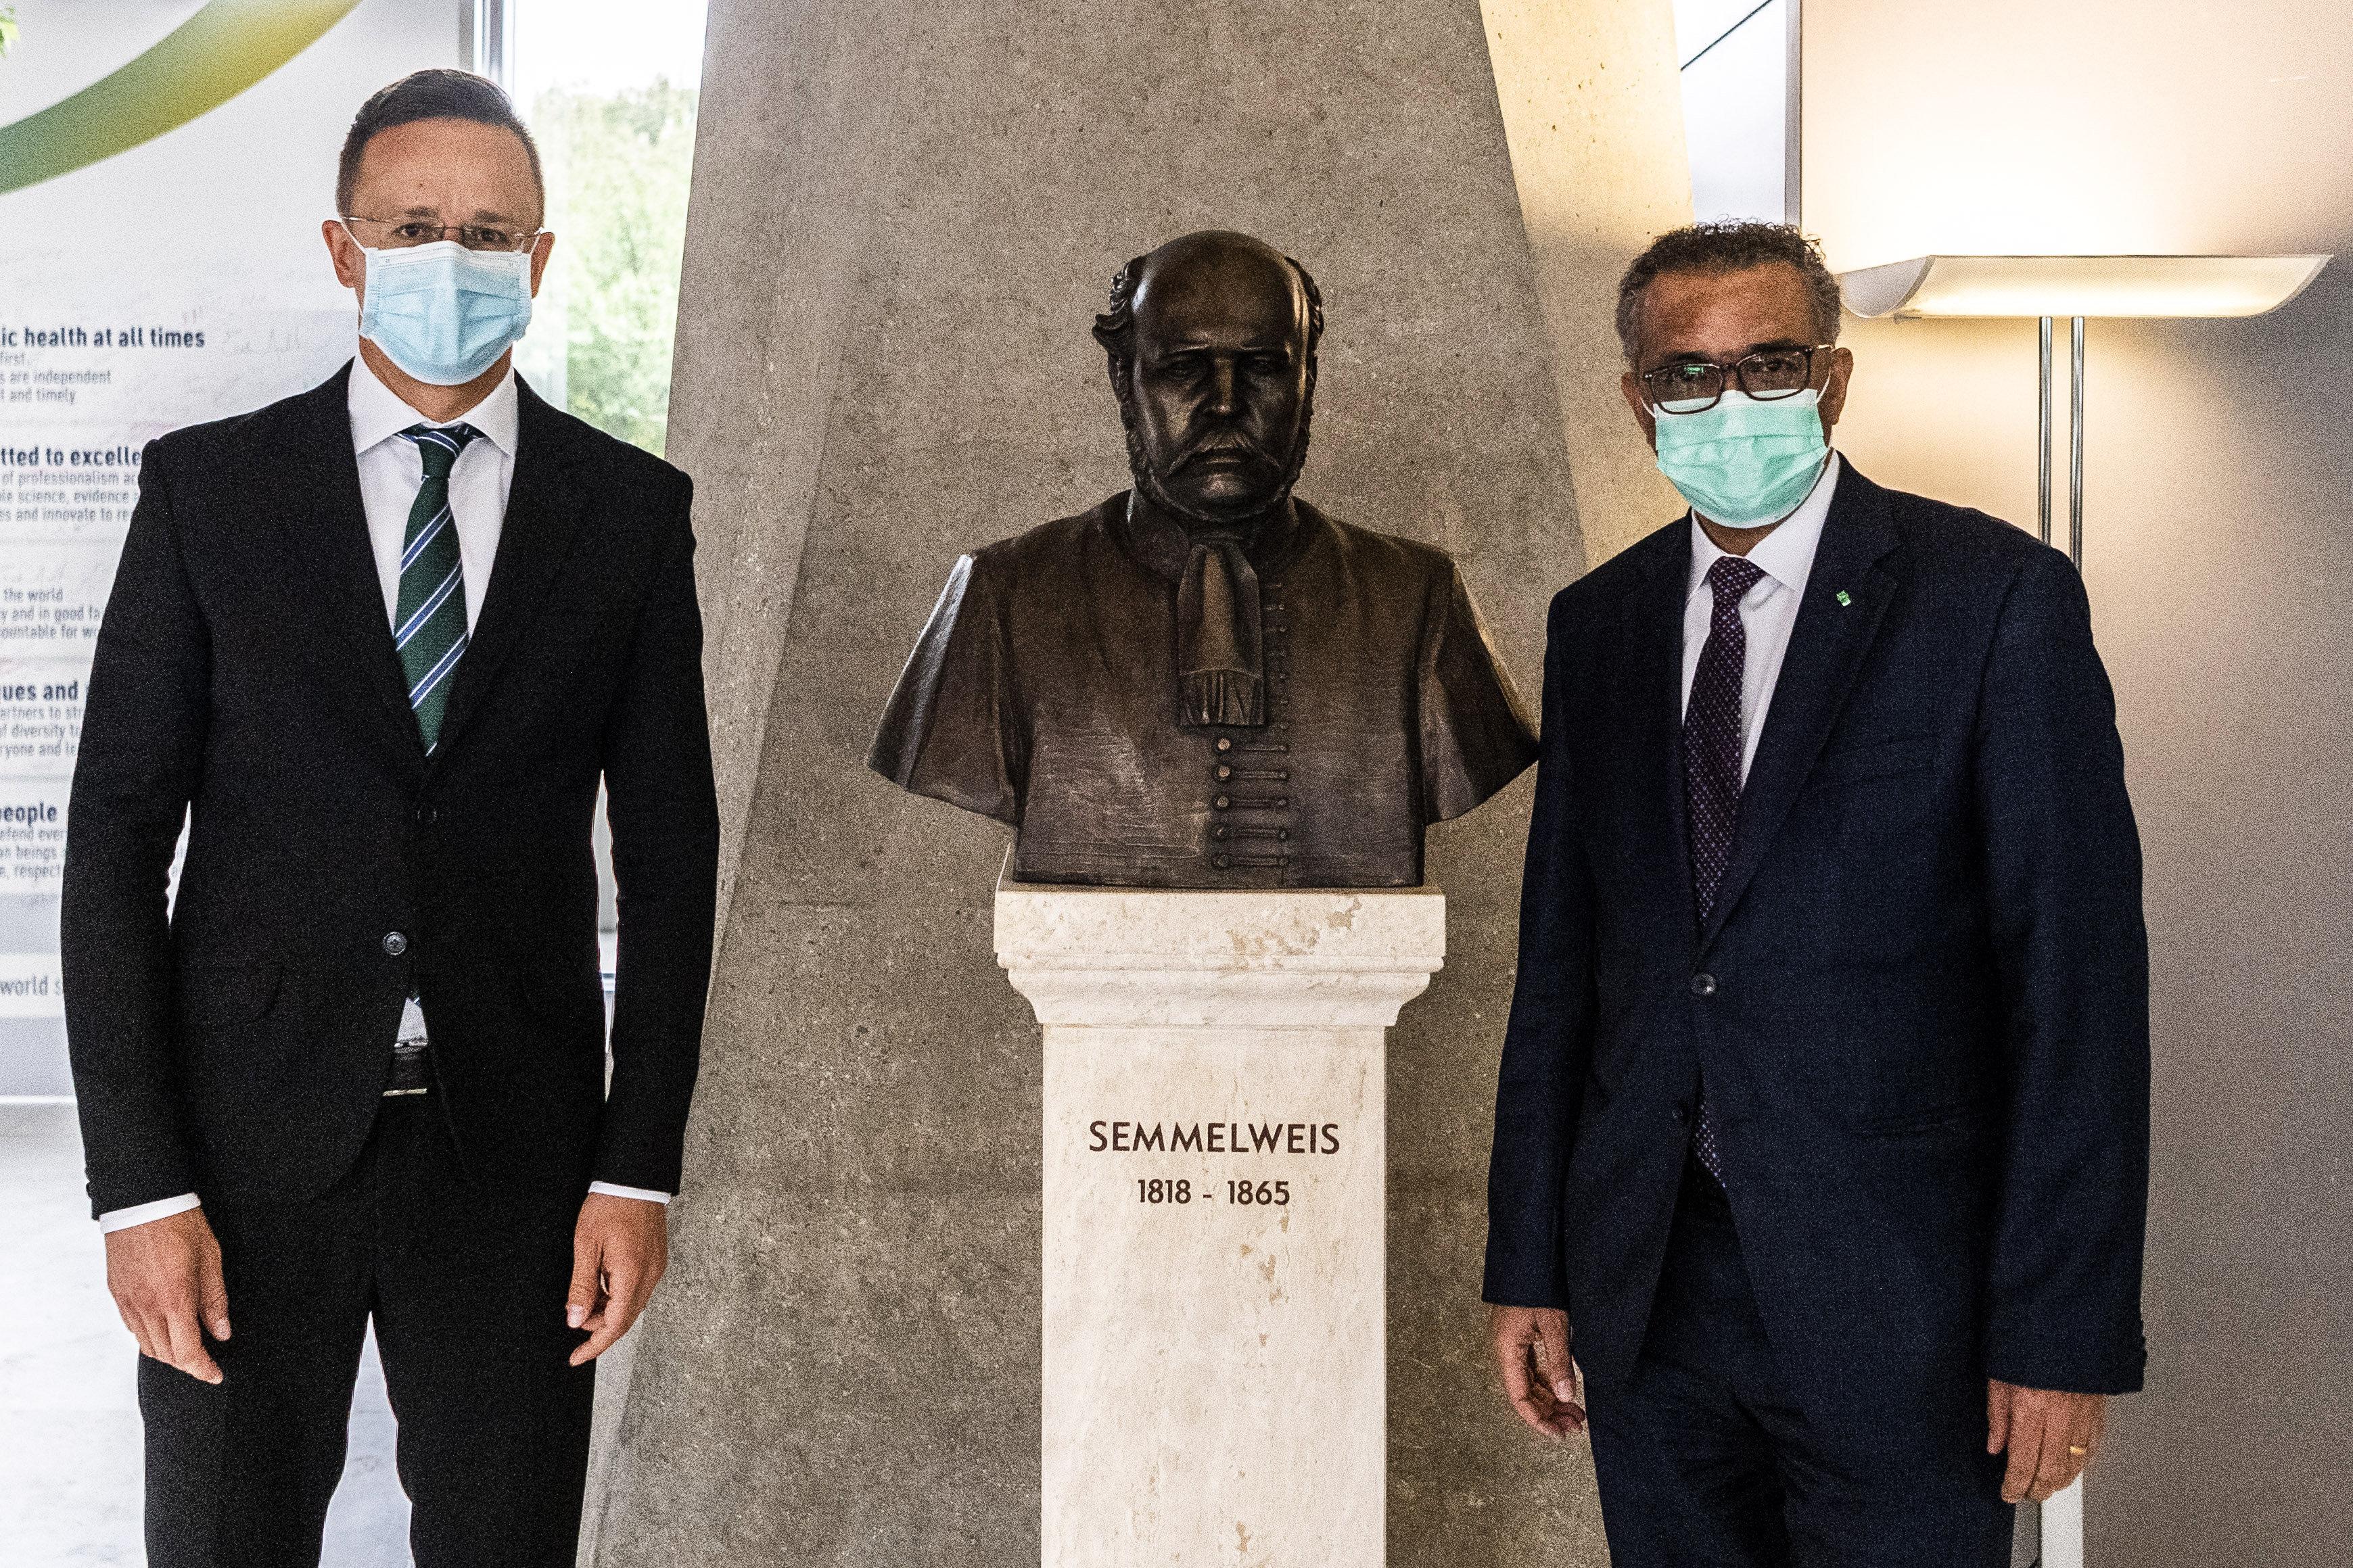 A kormány a járványról szinte semmit nem árul el, de legalább megtanítja a matematika használatára a magyarokat